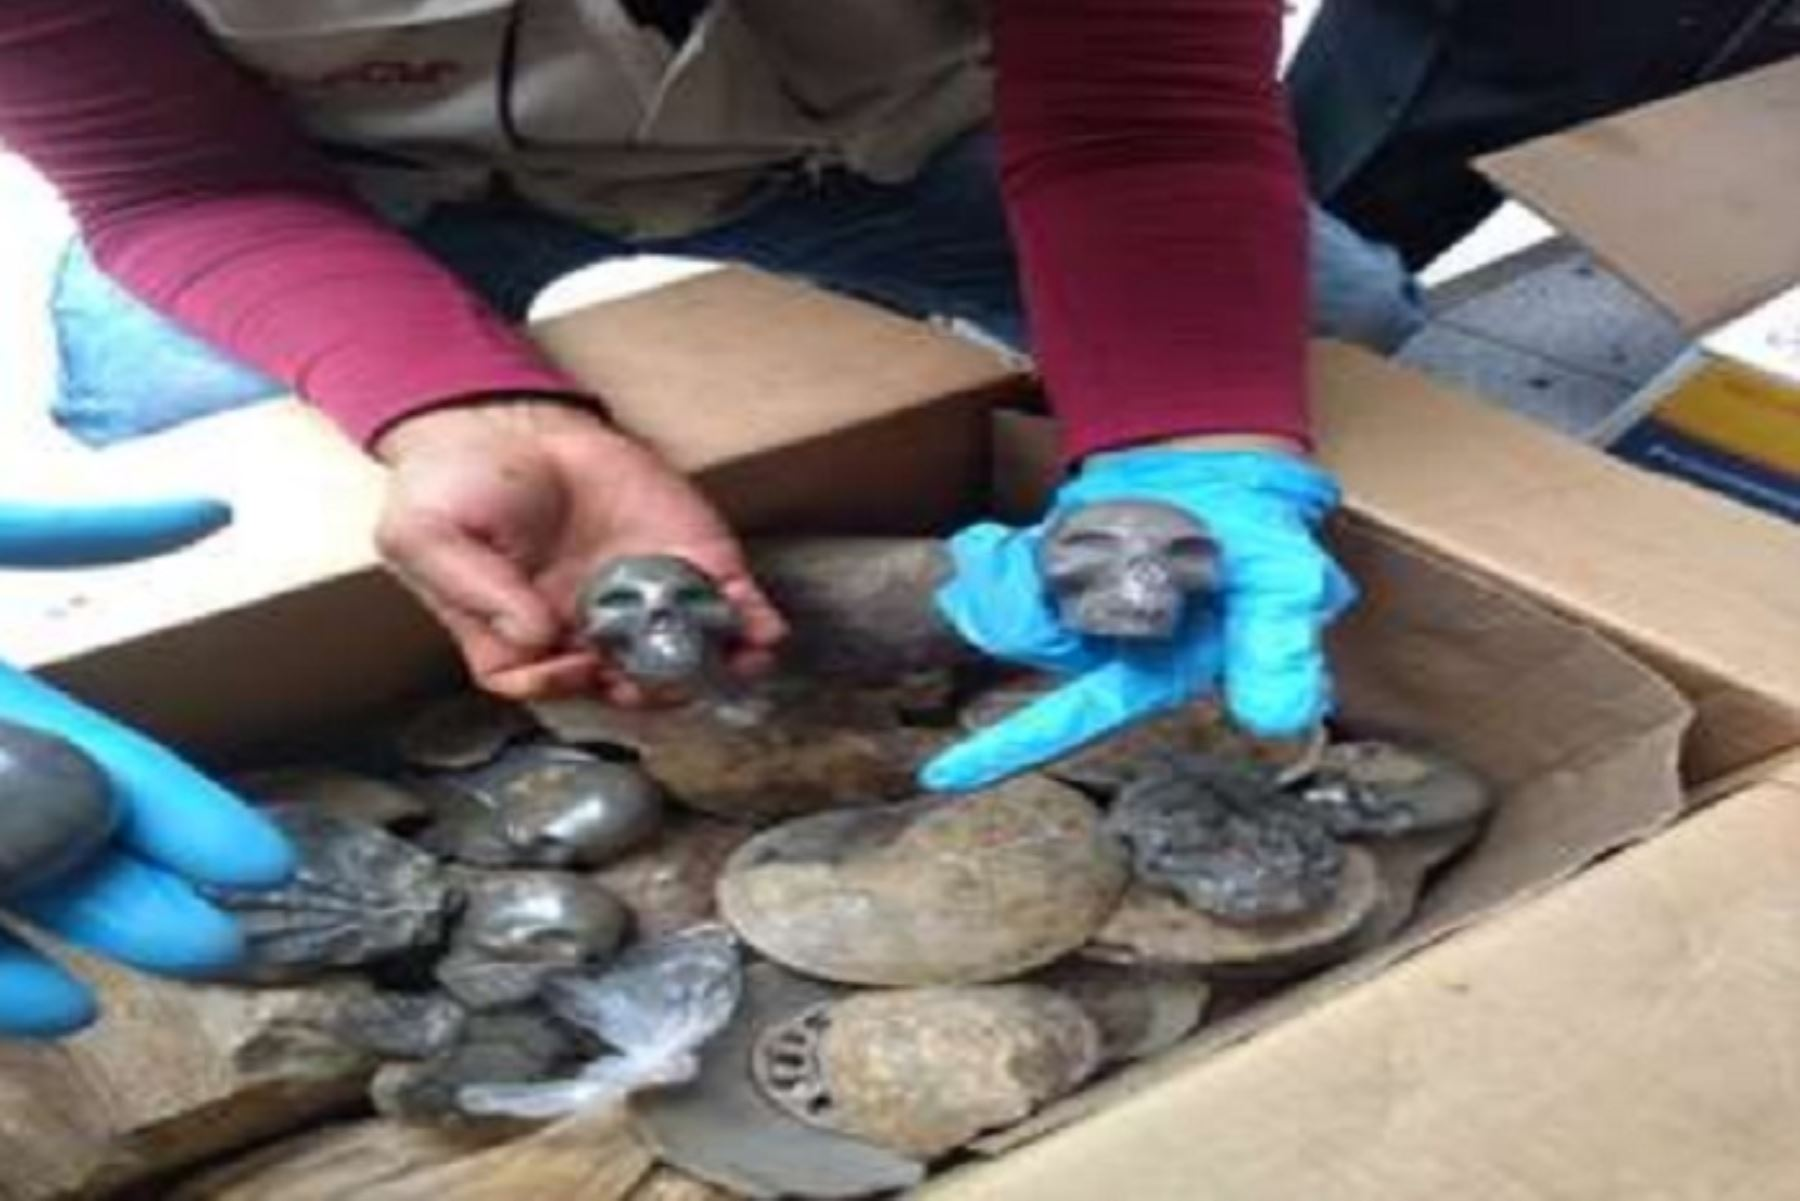 La Policía incautó 646 objetos paleontológicos fosilizados entre Ammonites, Bivalvos, Trilobites, Troncos fosilizados y otros, de incalculable valor para el Estado, los mismos que eran exhibidos y comercializados en cuatro stands de la feria artesanal del distrito de Aguas Calientes, en la provincia de Urubamba, región Cusco.